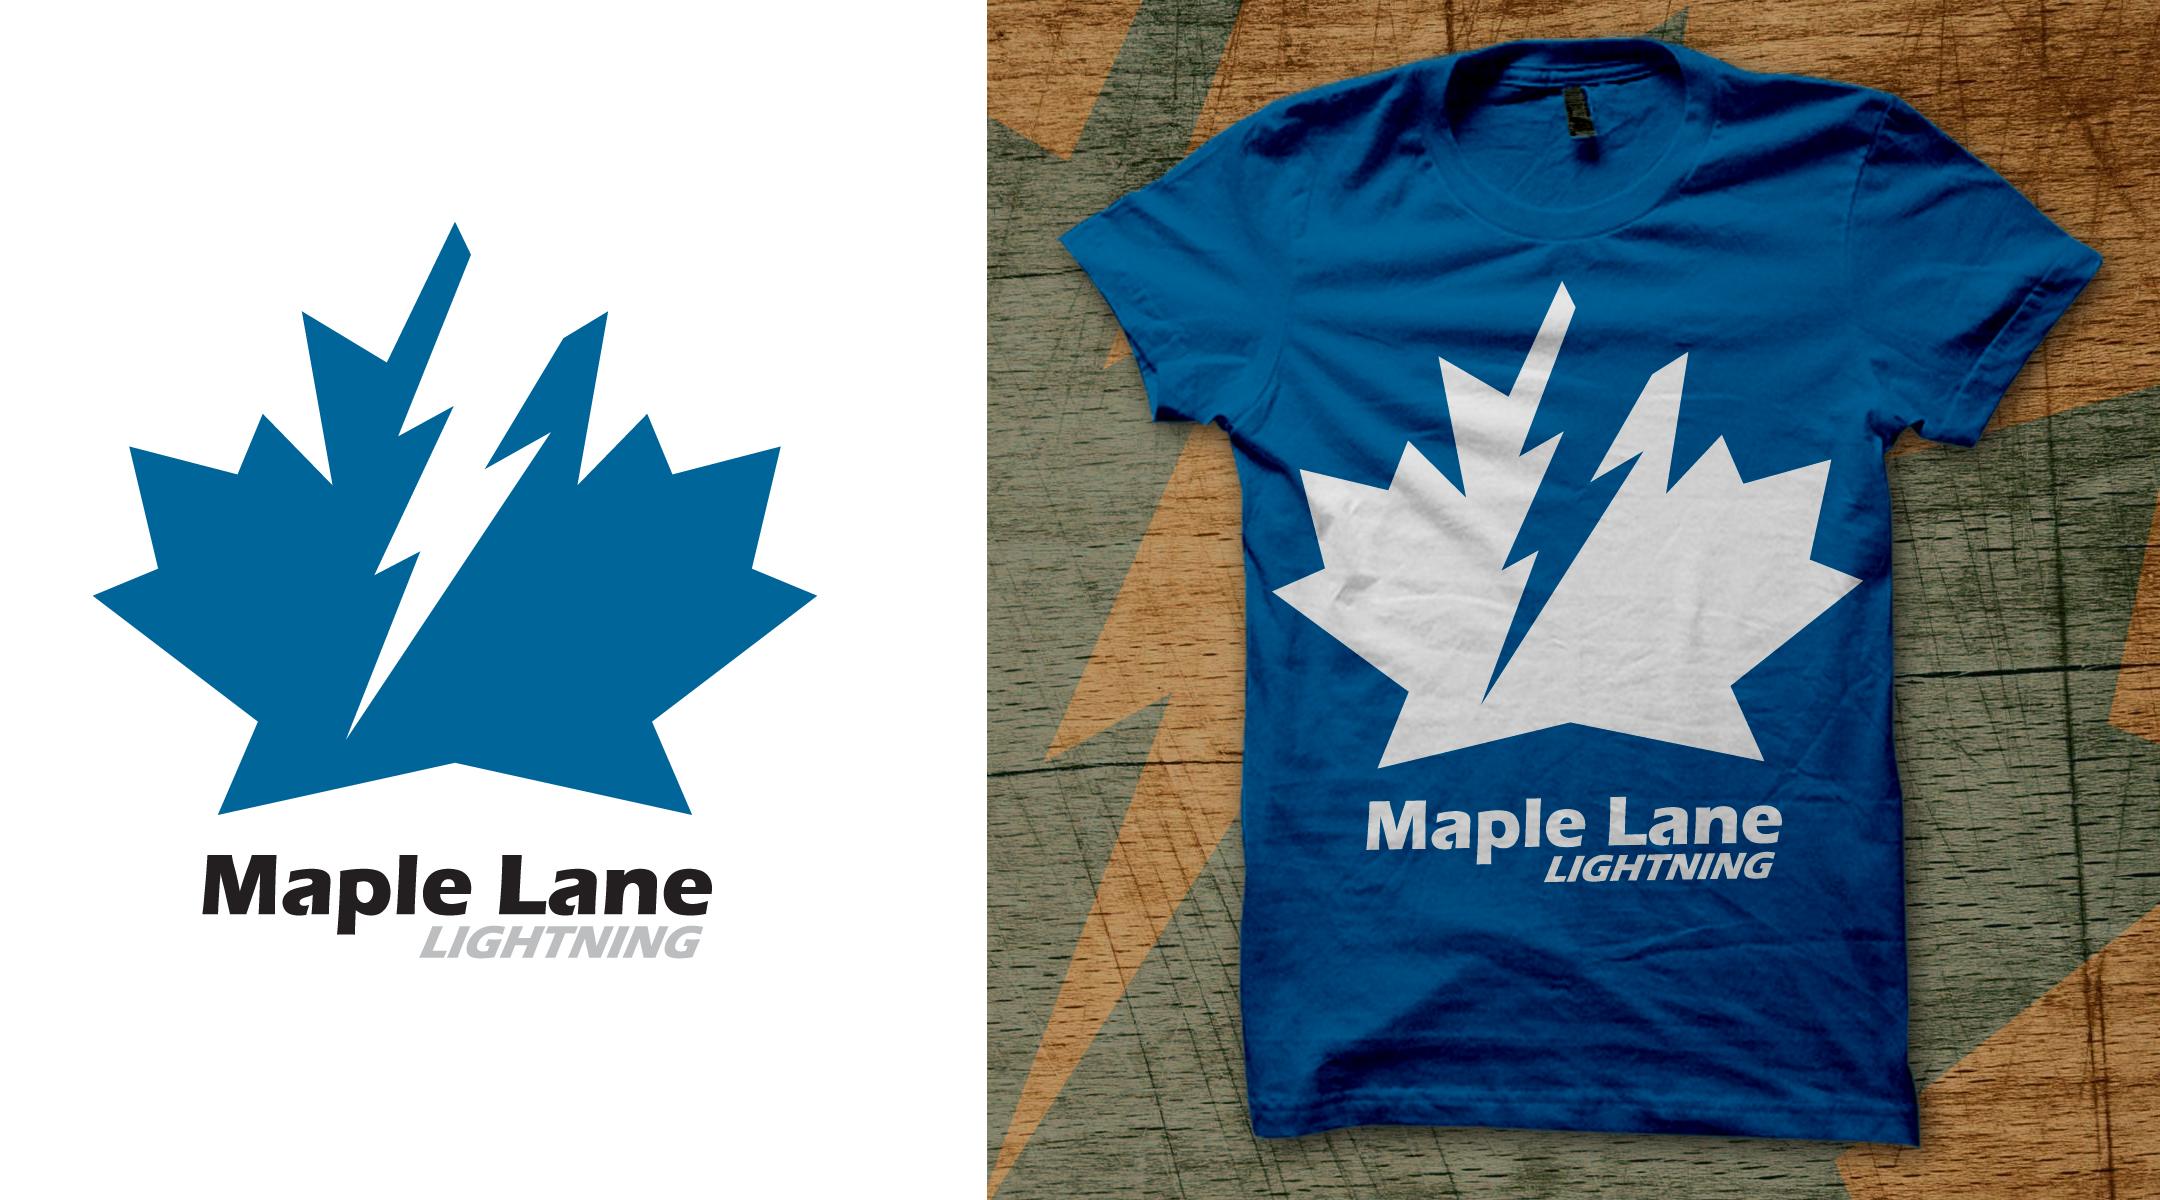 Logo Design by Jerameel Cabautan - Entry No. 84 in the Logo Design Contest Maple Lane Logo Design.